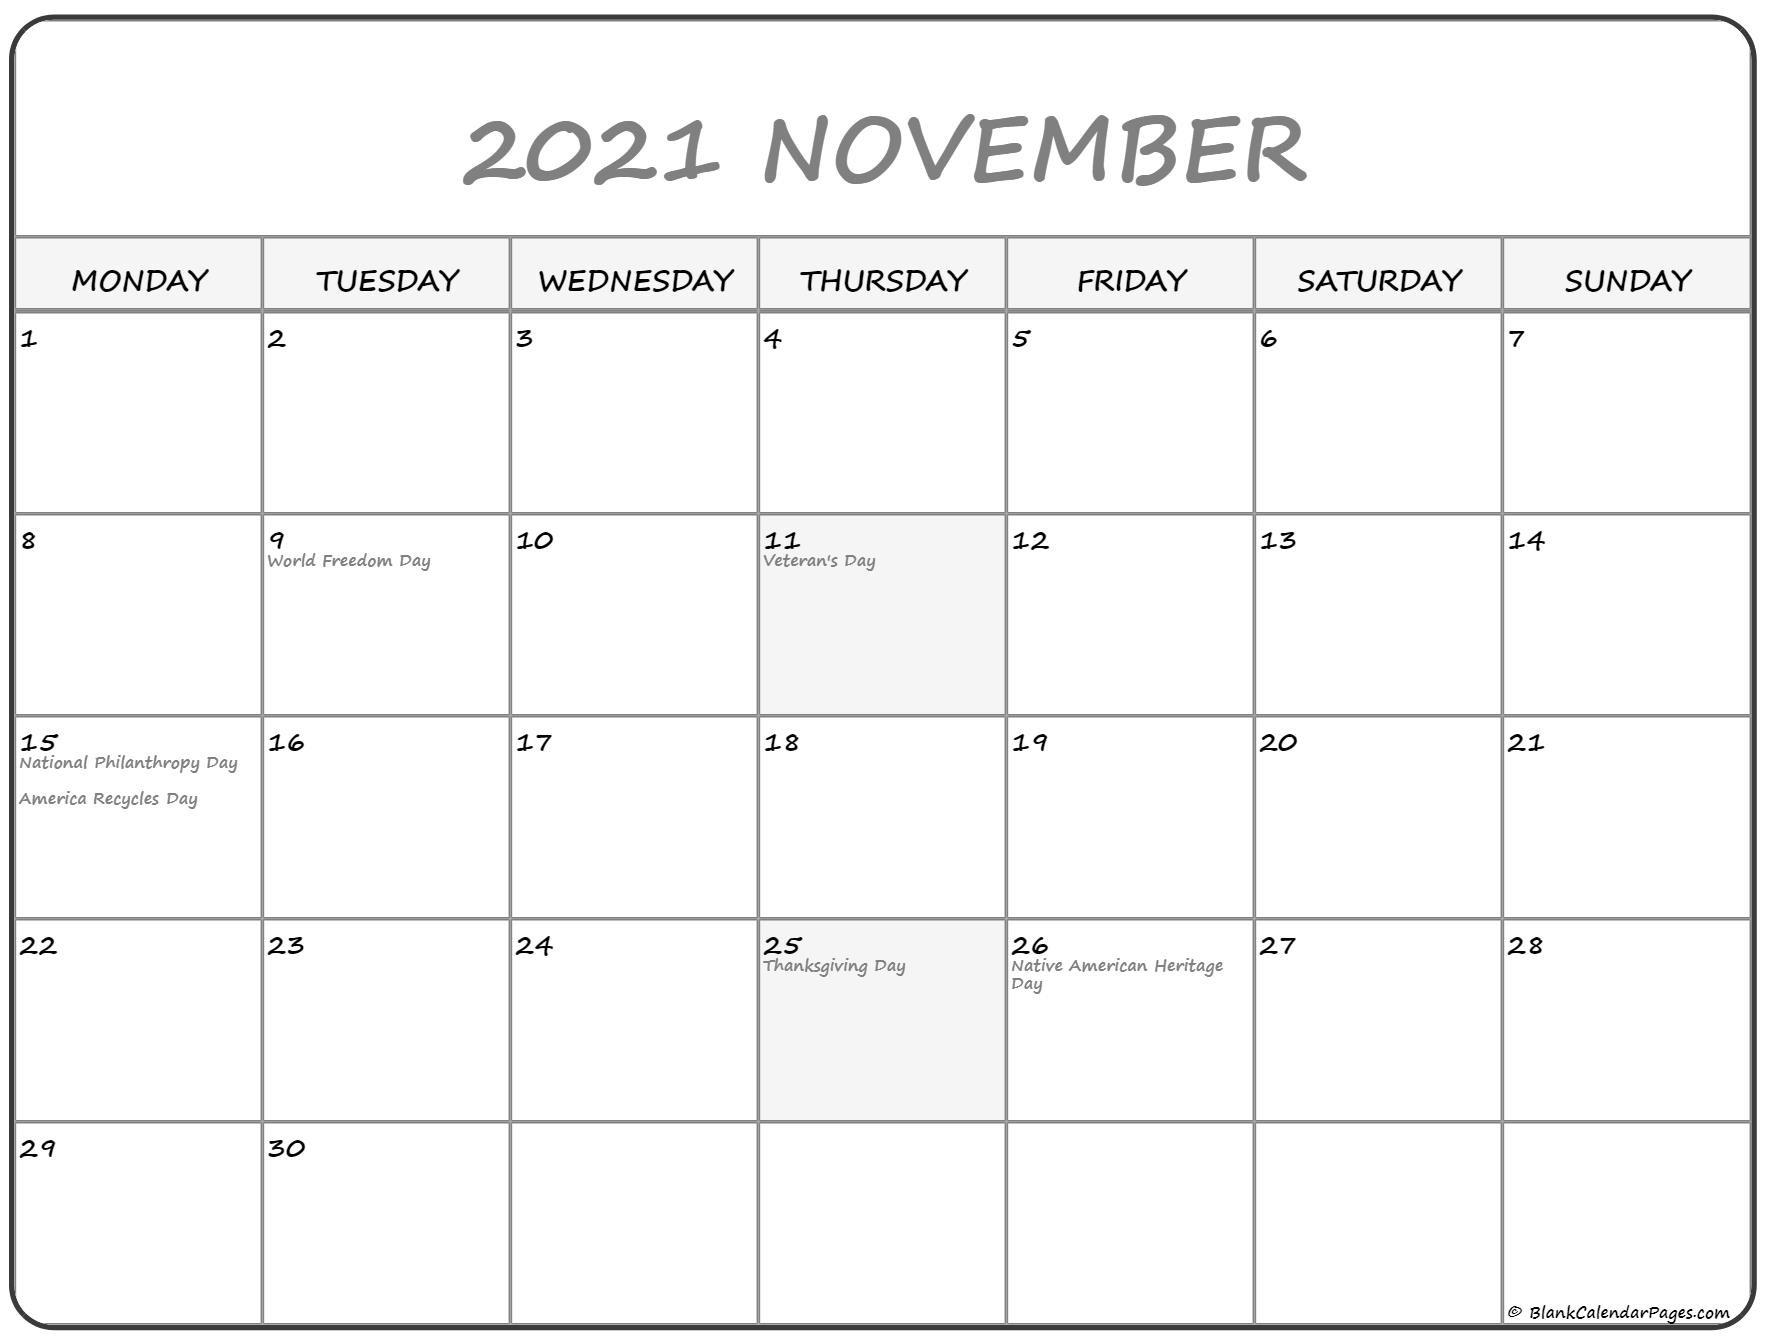 November 2021 Monday Calendar | Monday To Sunday-November 2021 Fill In Calendar